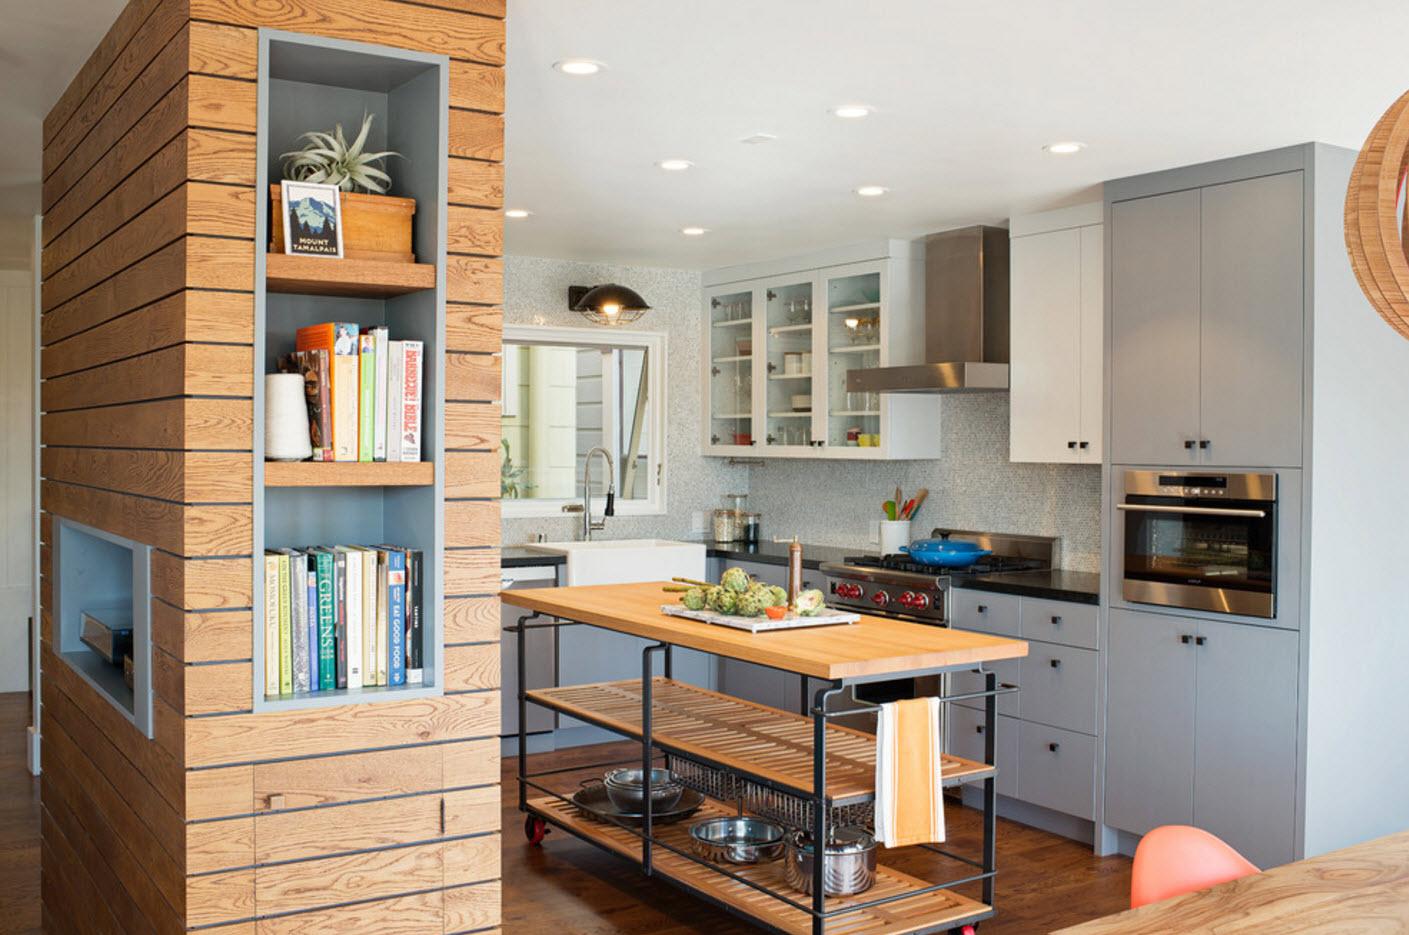 Вил на кухню в совмещенном помещении